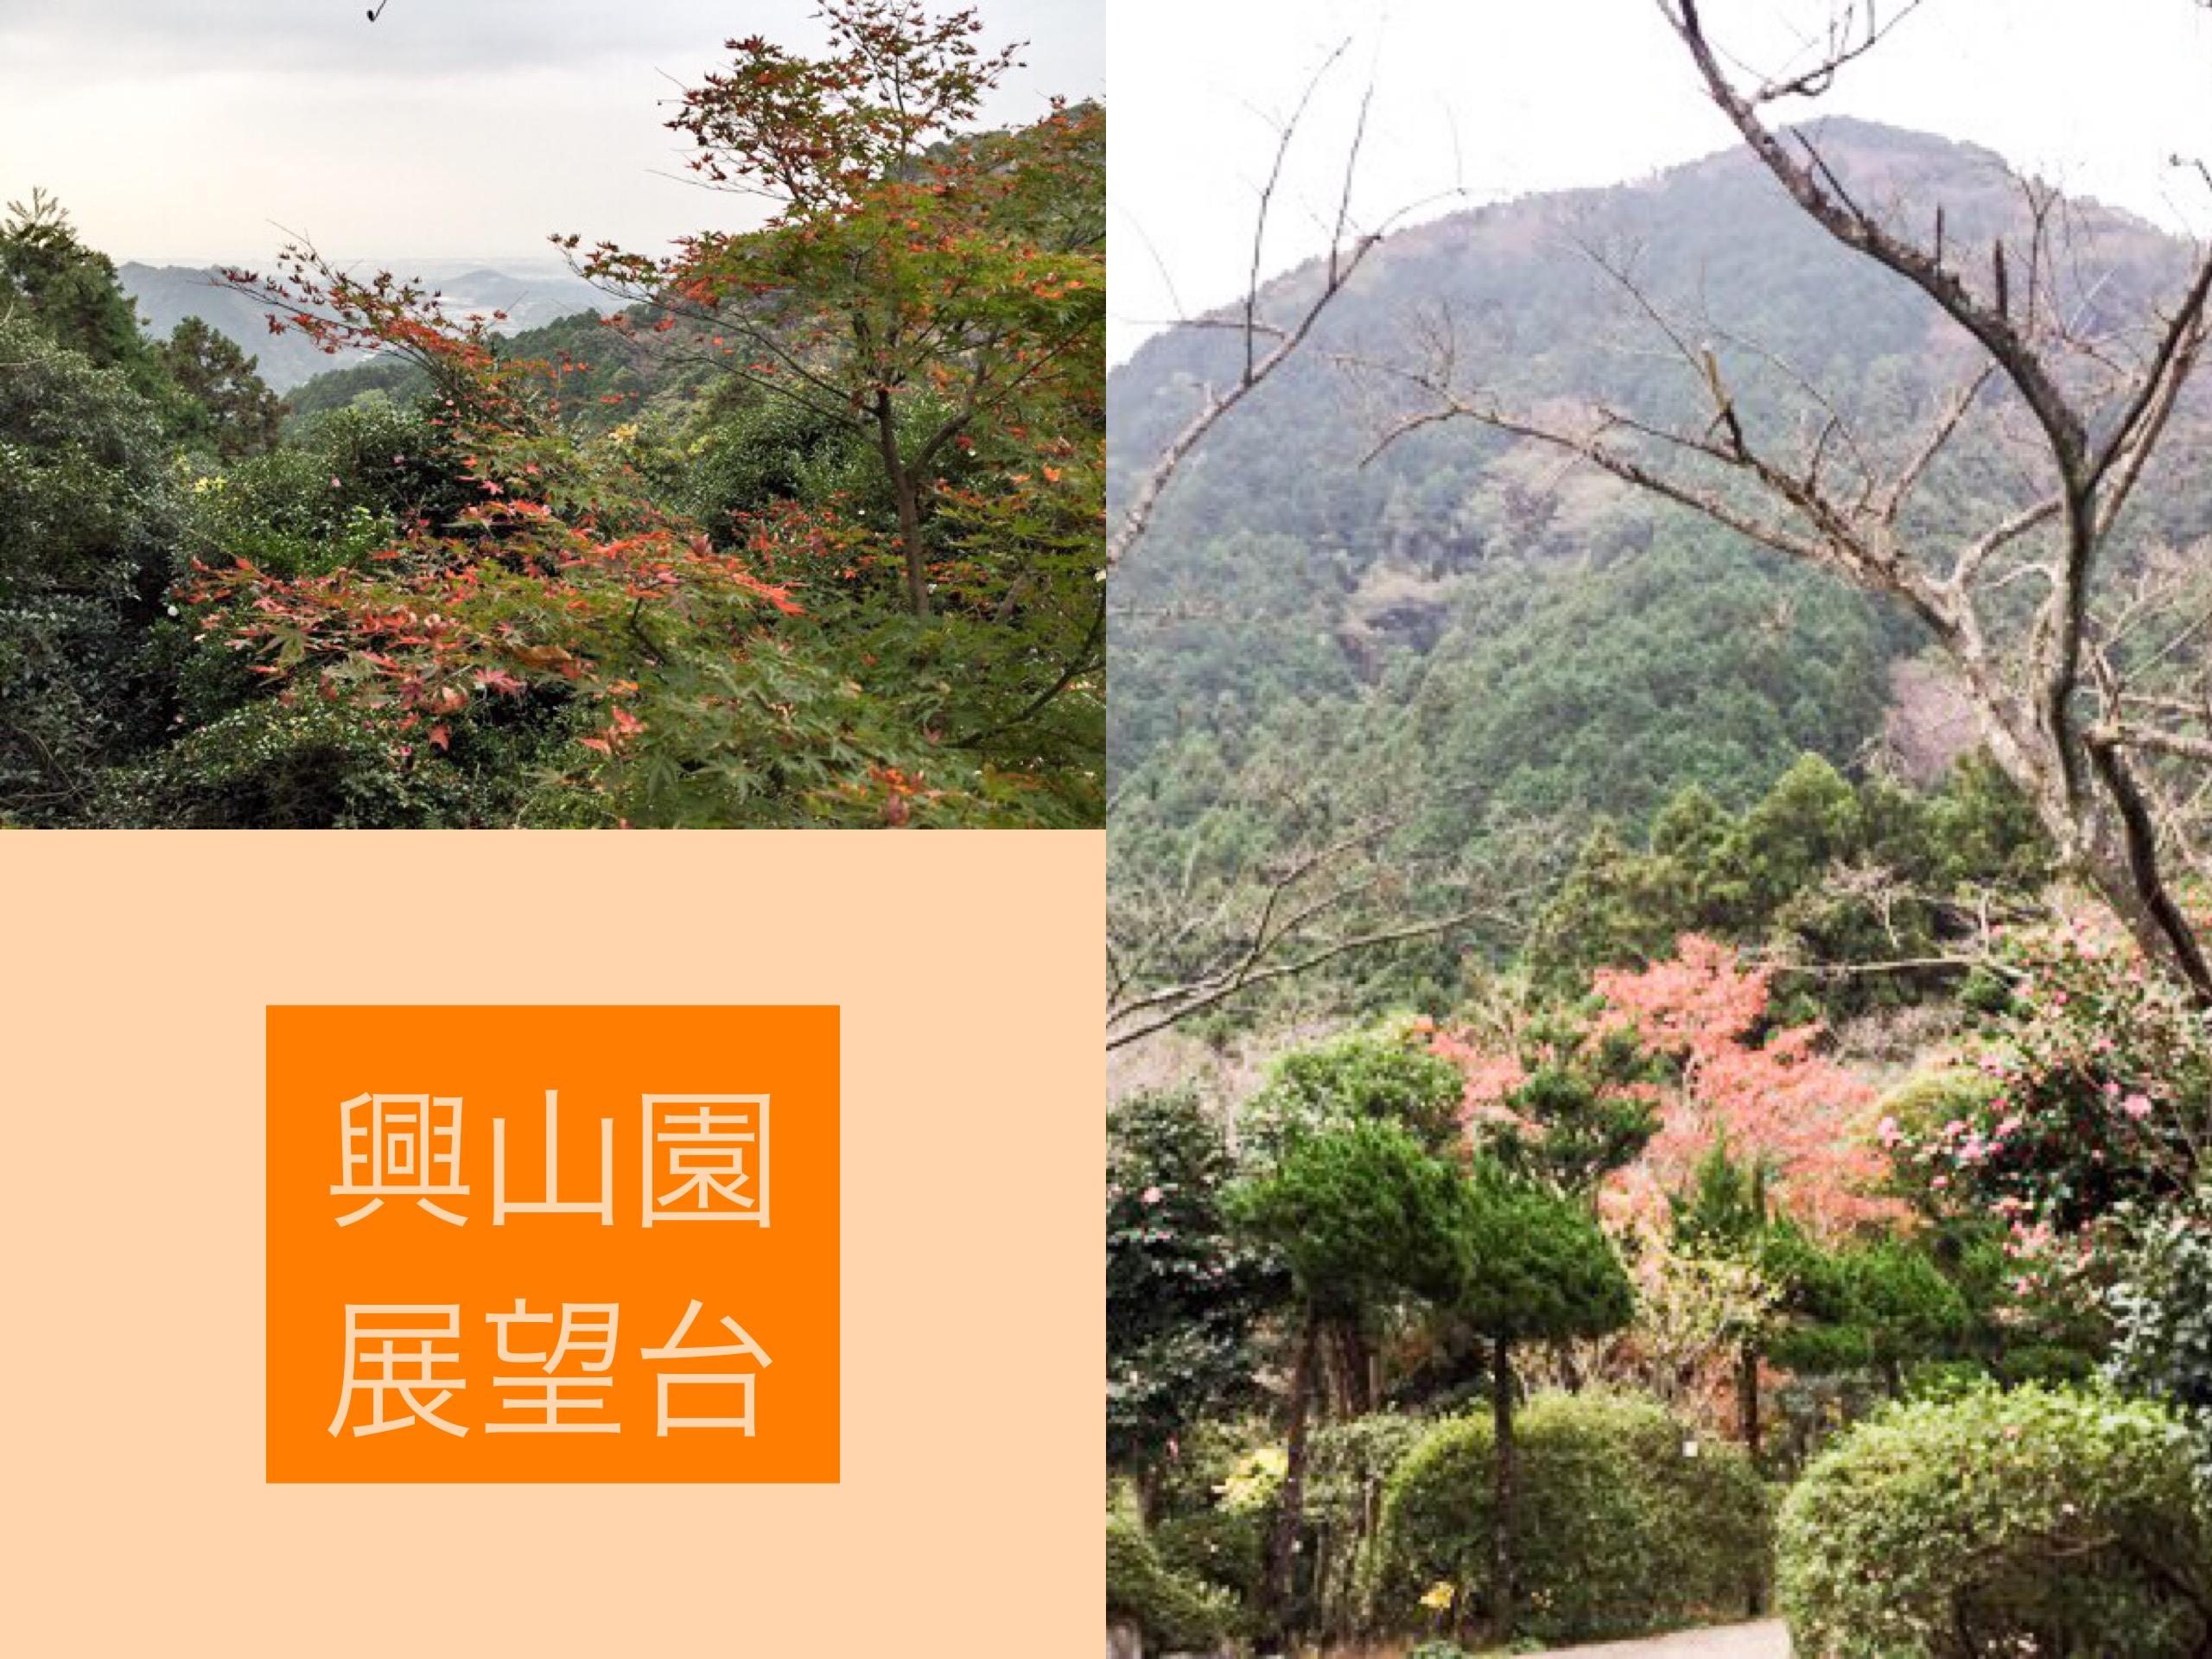 古賀市の興山園